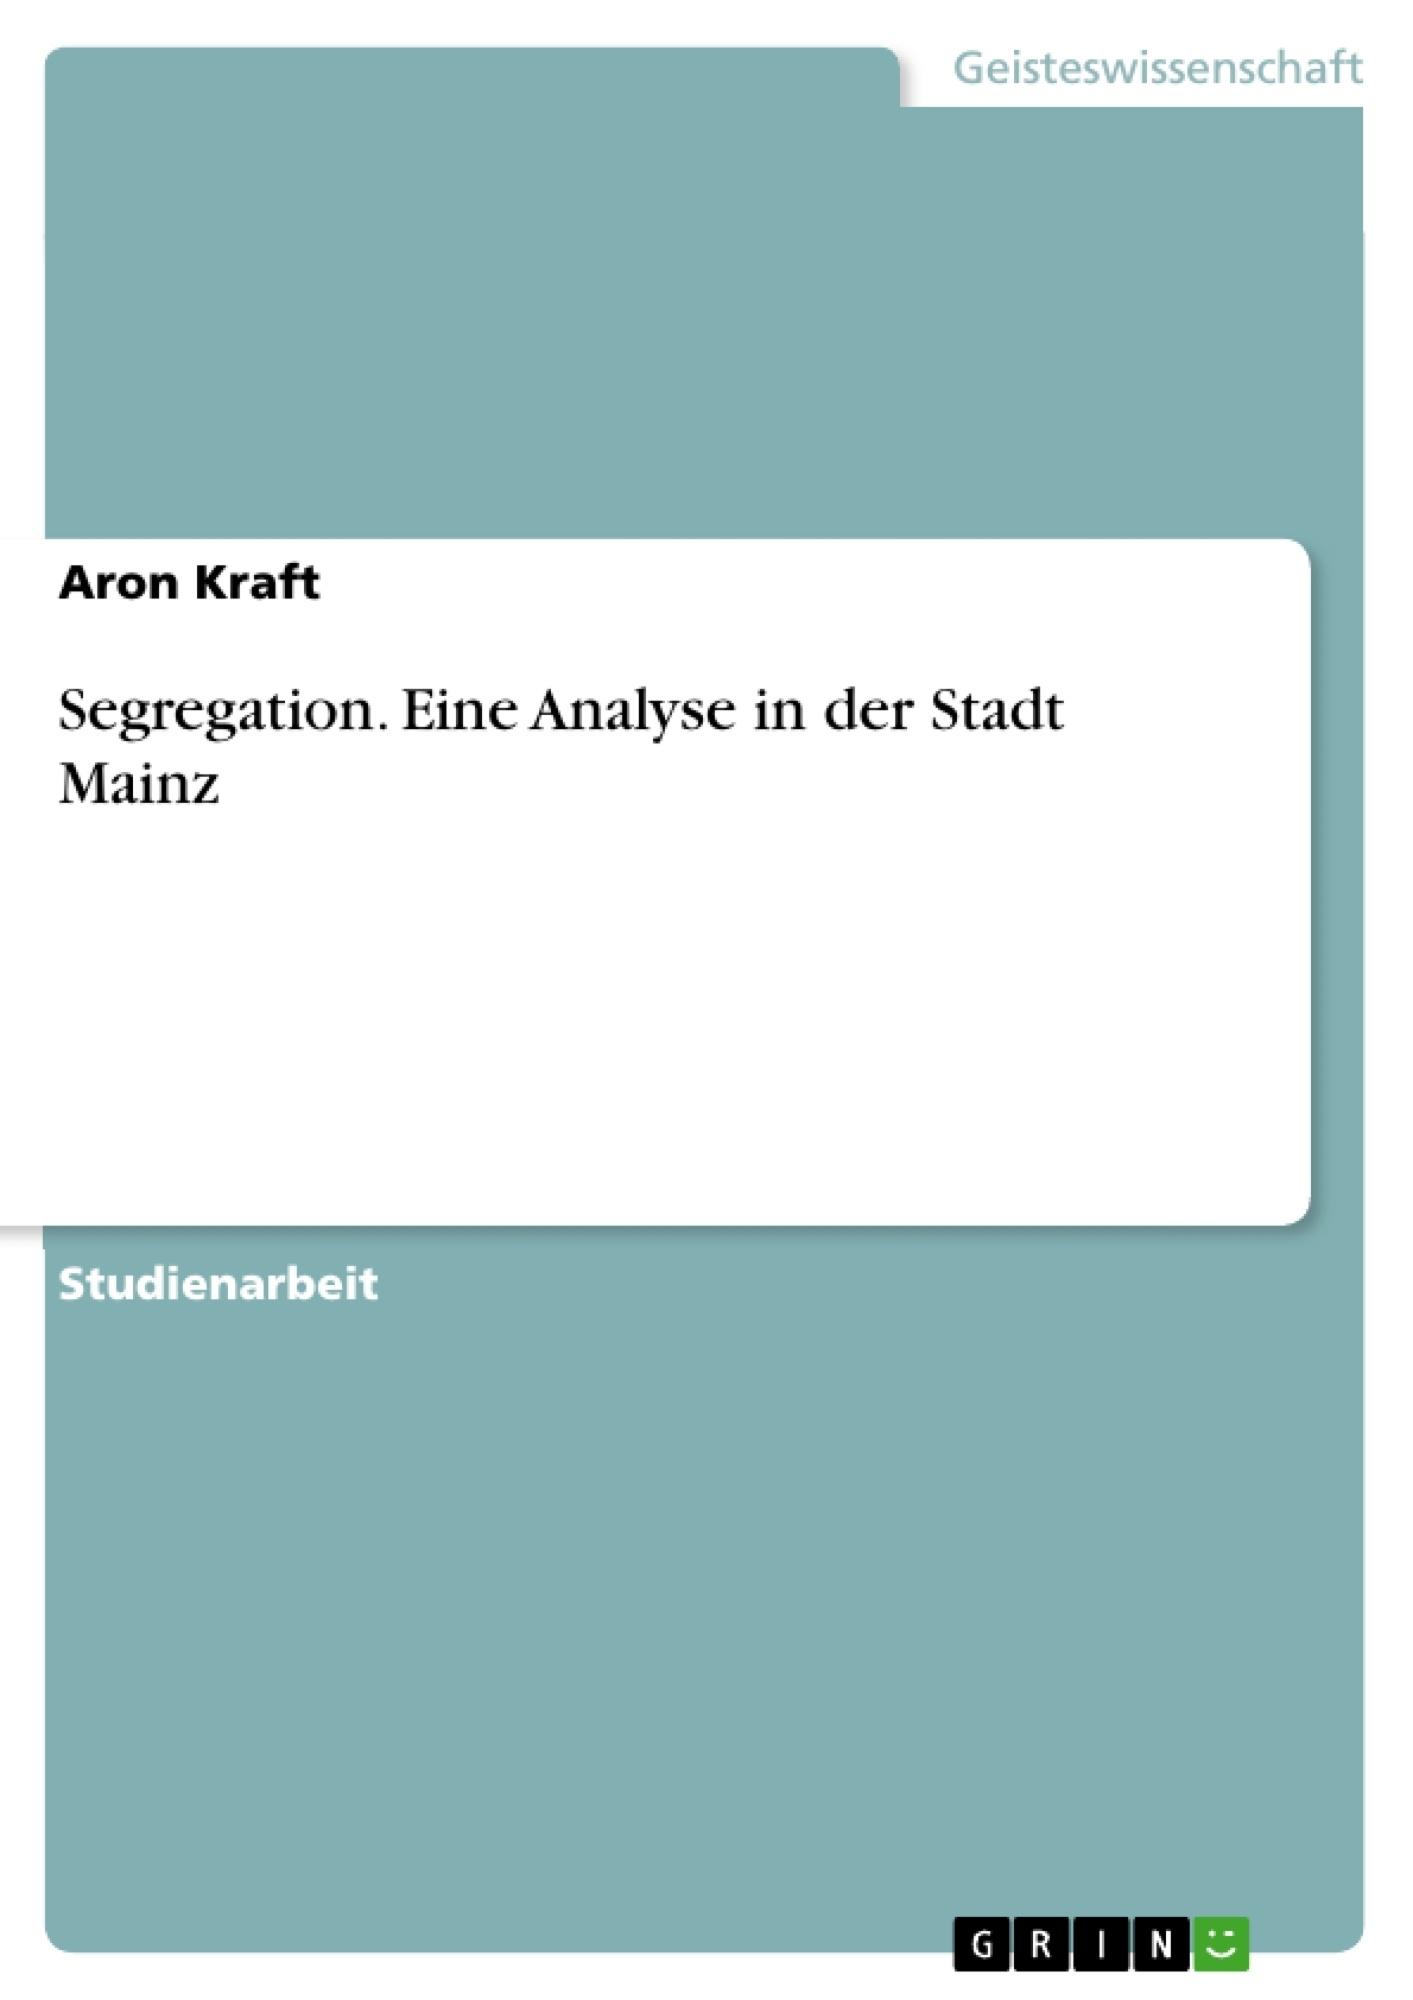 Titel: Segregation. Eine Analyse in der Stadt Mainz